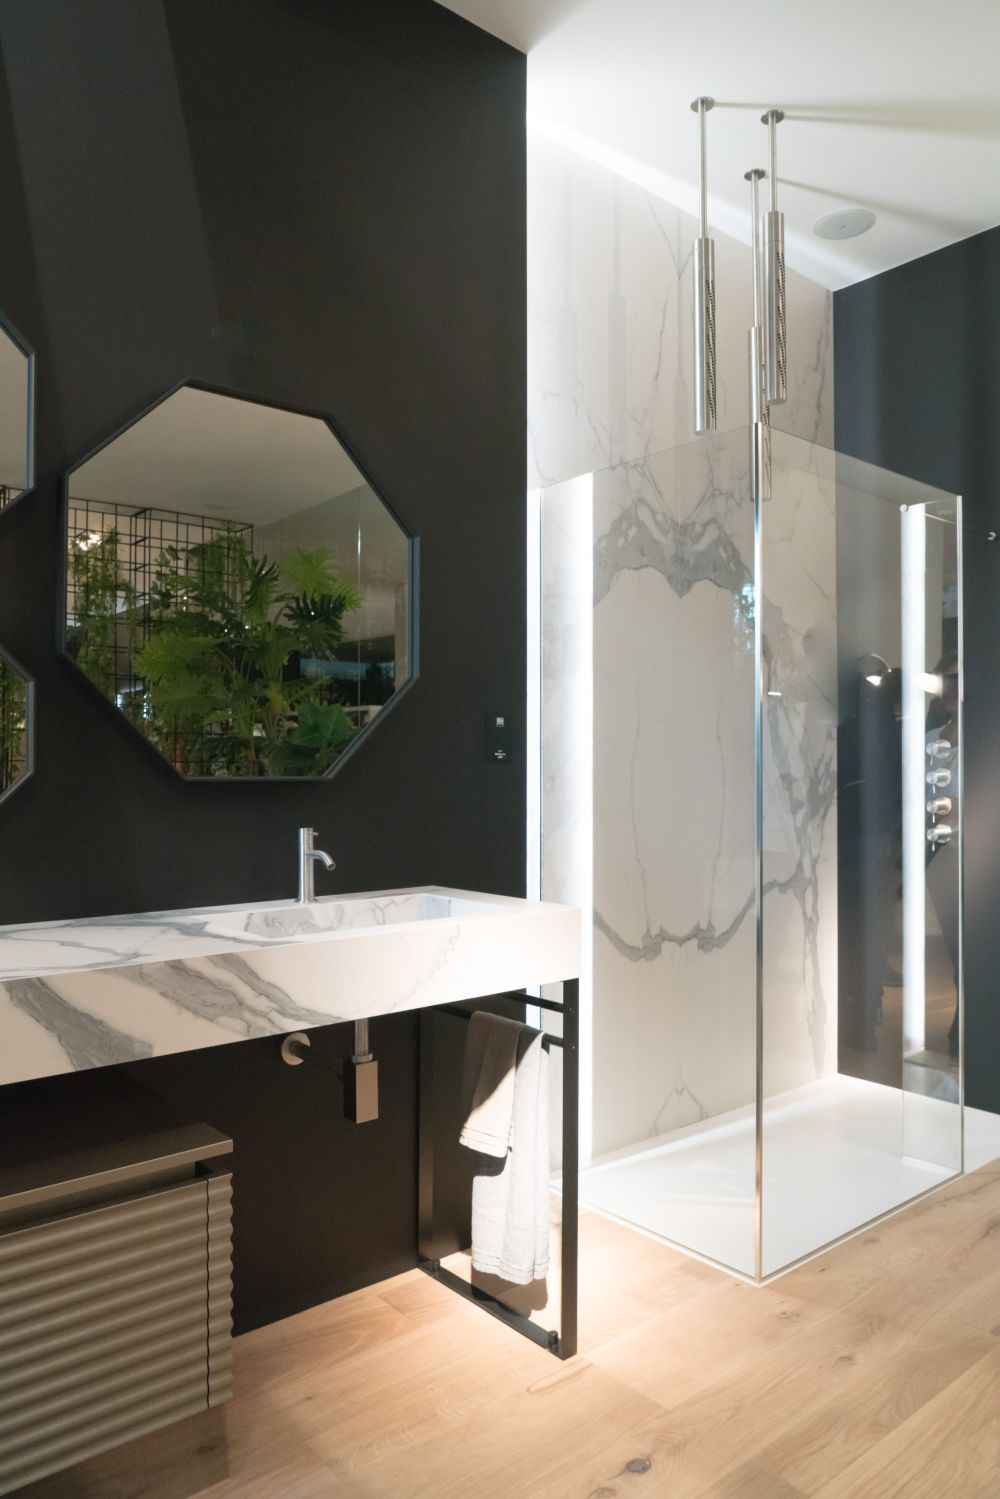 Badezimmer design dusche die besten möglichkeiten carrara marmor im interior design zu